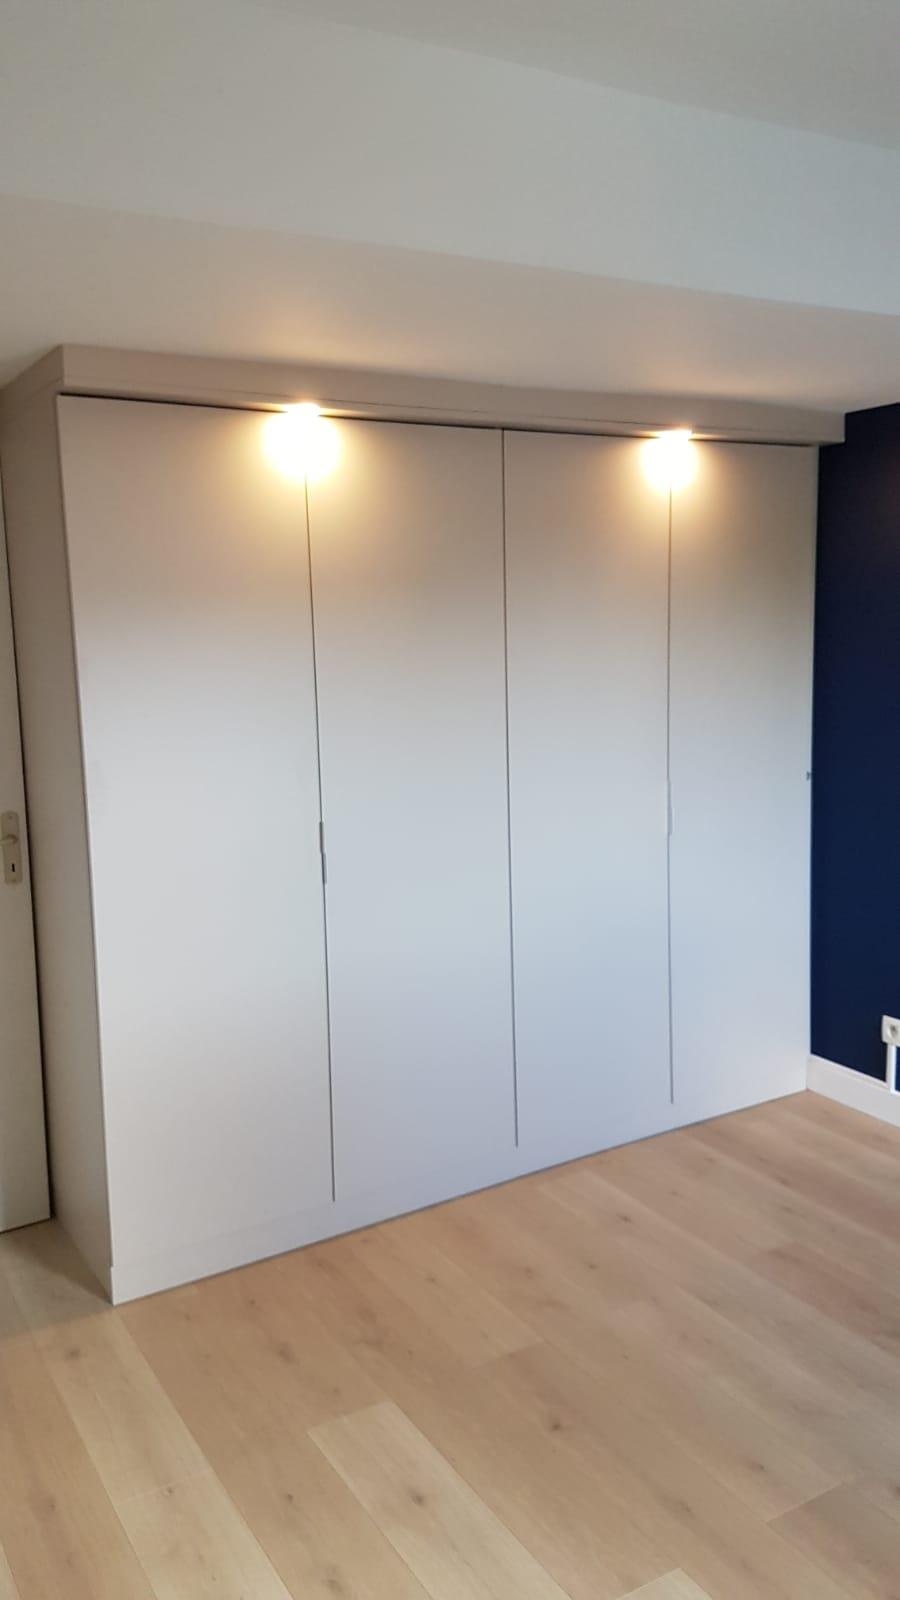 Sur cette photo, on voit le placard dans la chambre avec les portes fermés.